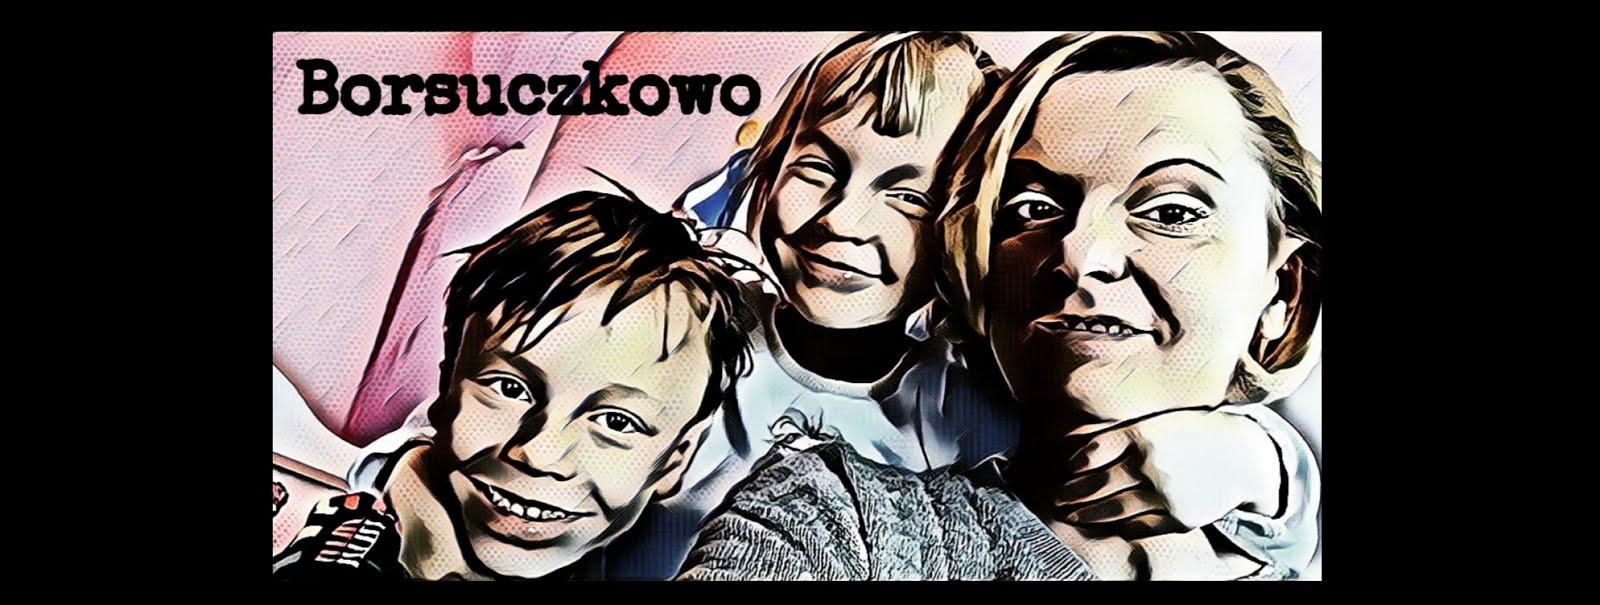 Borsuczkowo